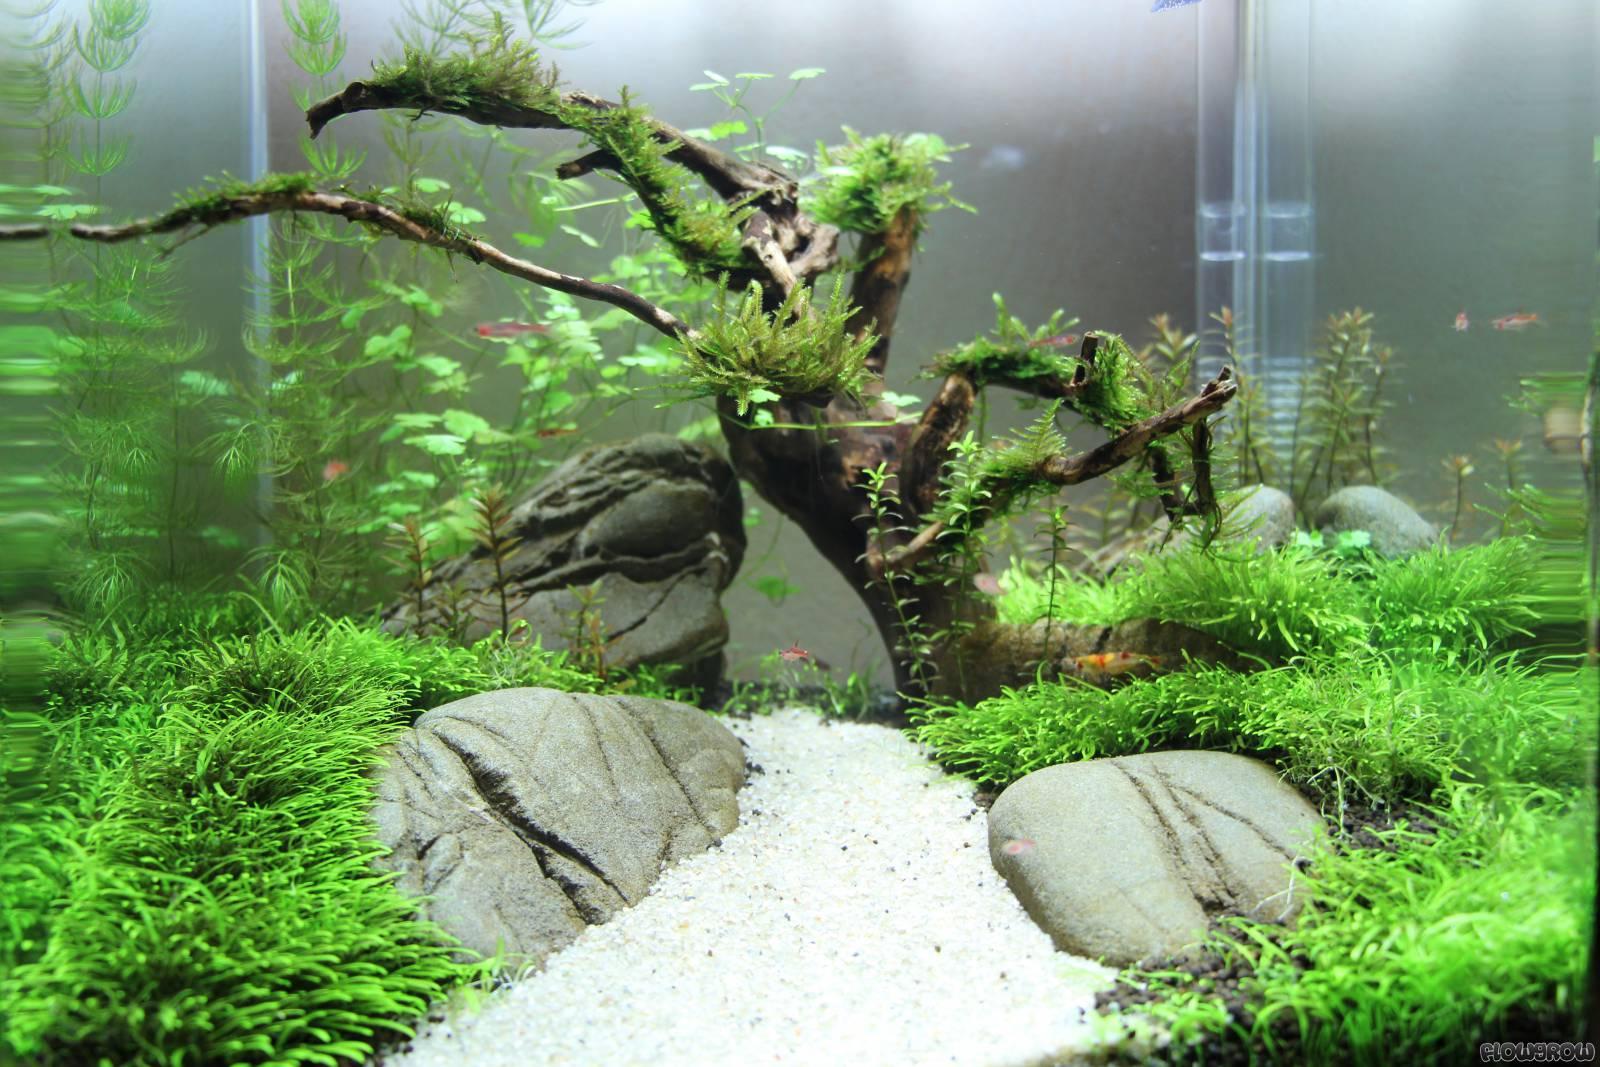 nano becken flowgrow aquascape aquarien datenbank. Black Bedroom Furniture Sets. Home Design Ideas